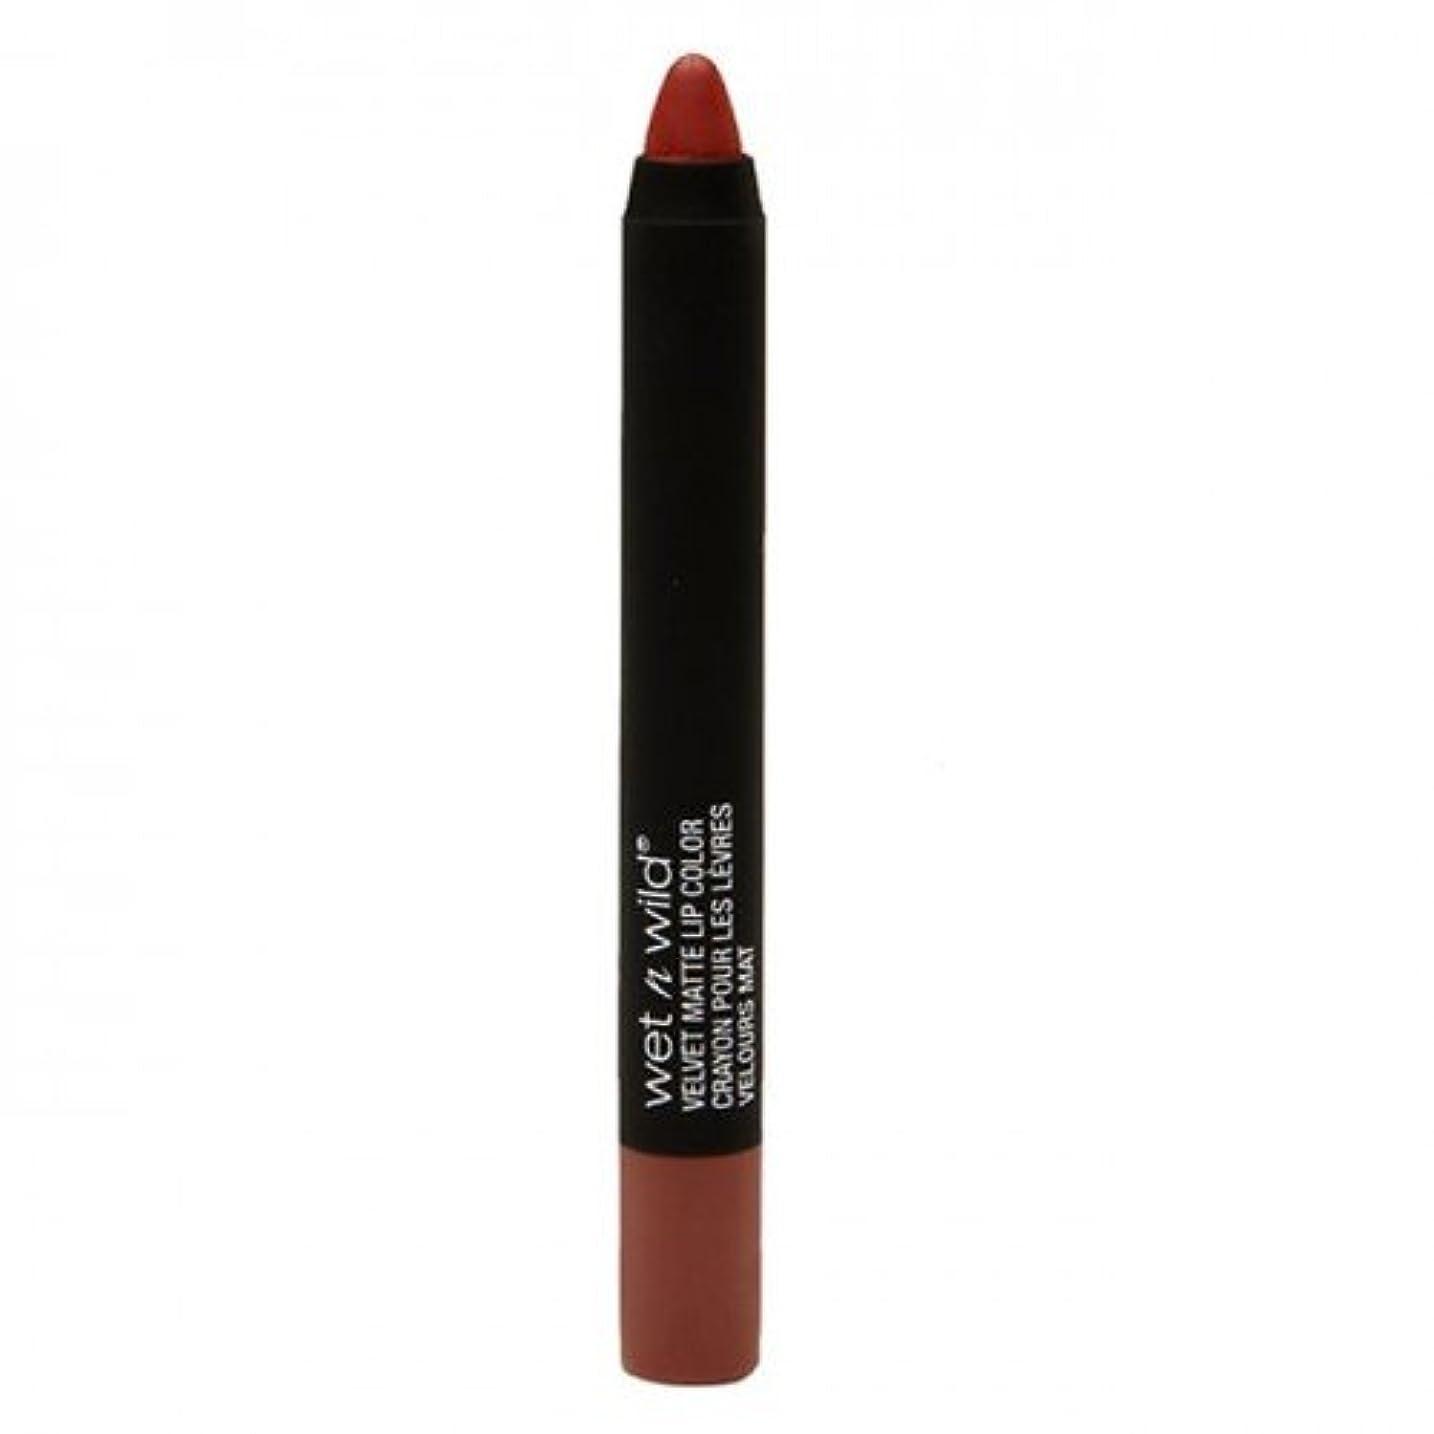 聴覚障害者雷雨他の日(6 Pack) WET N WILD Velvet Matte Lip Color - Hickory Smoked (並行輸入品)